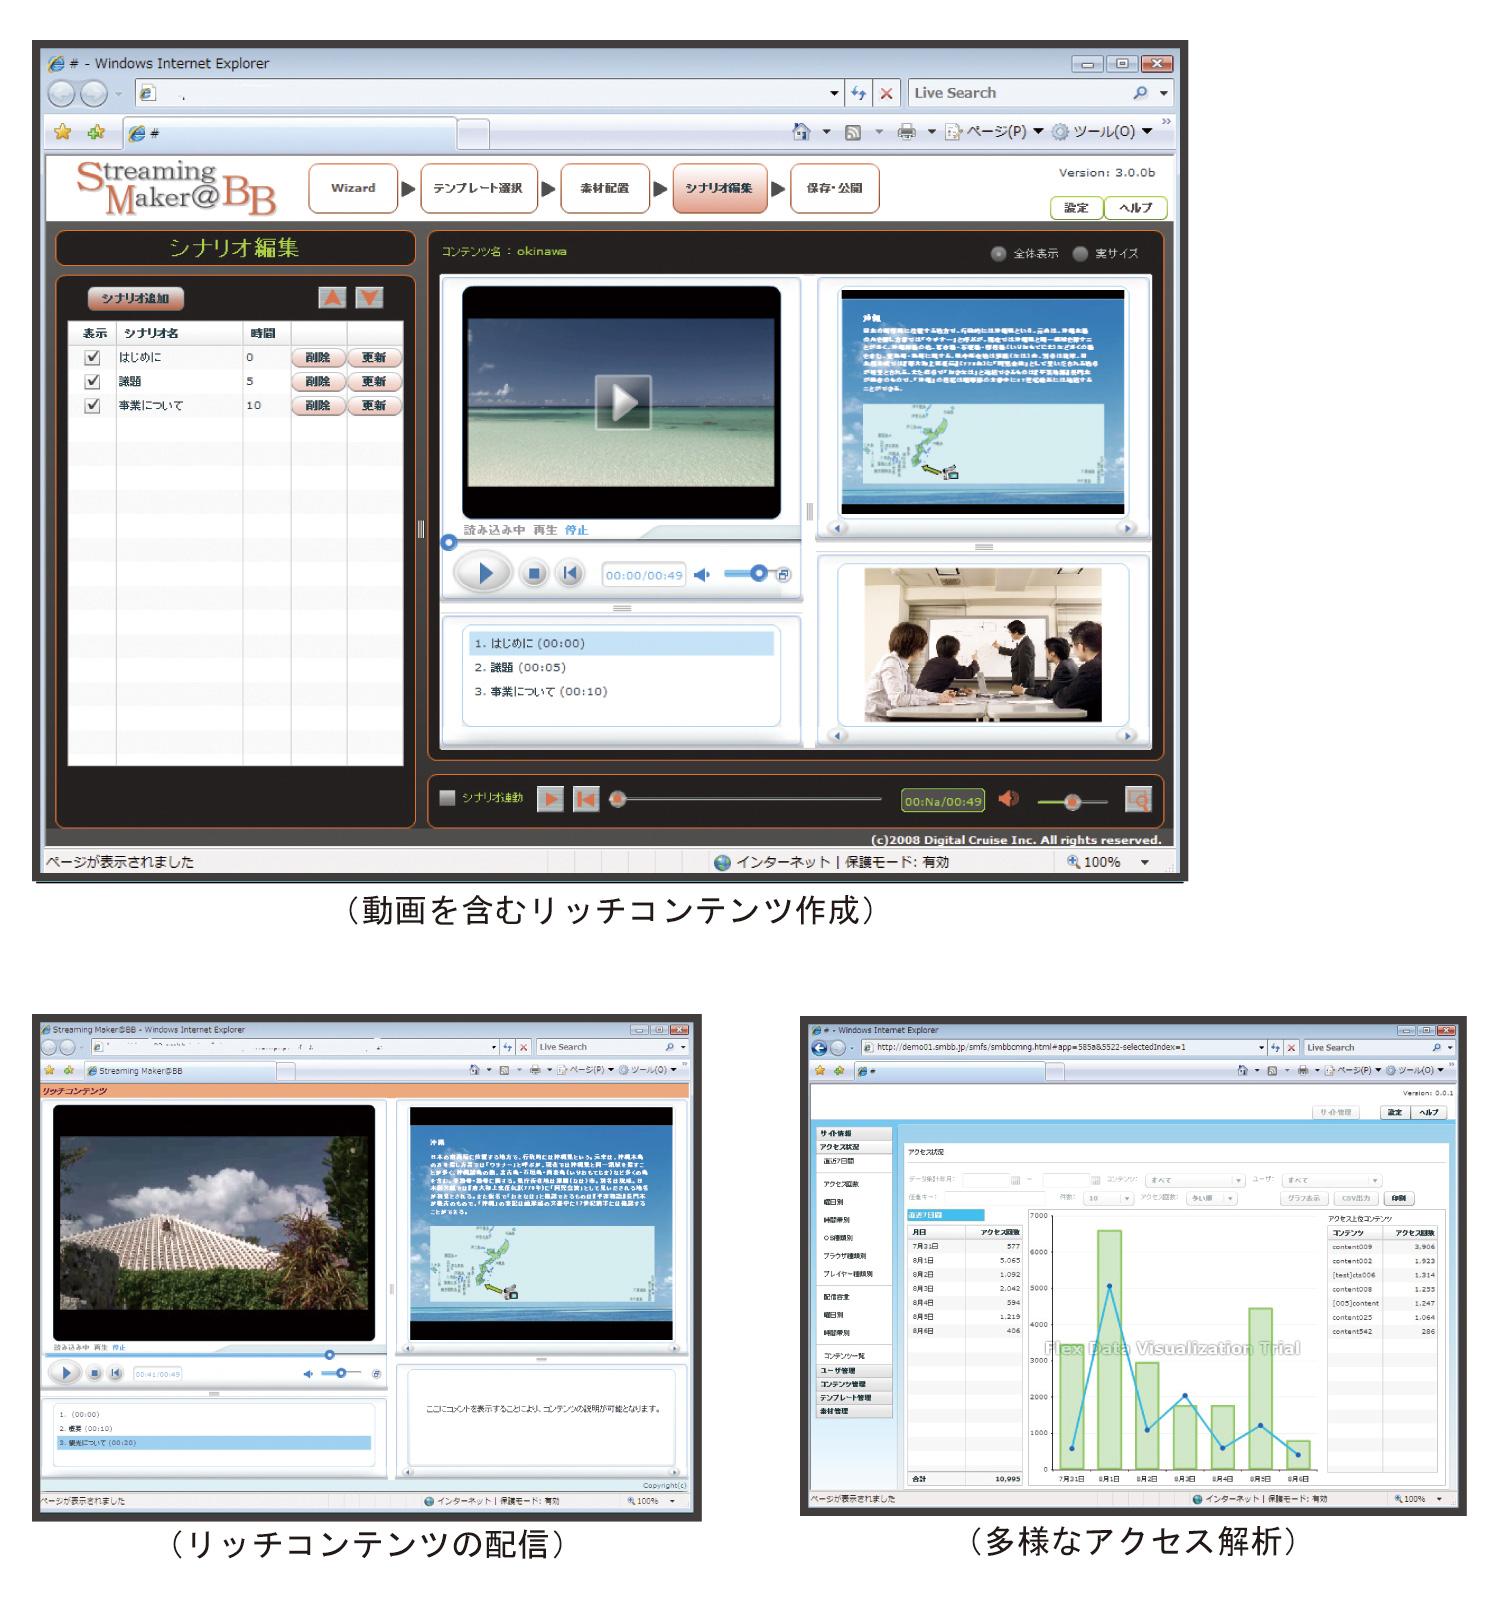 セミナーや商品説明、IR情報などの動画とパワーポイントを組み合わせた リッチコンテンツ作成、配信ASPサービス「StreamingMaker@BB Presenter」の 初期費用&月額利用料50%OFFキャンペーンを11月末まで実施